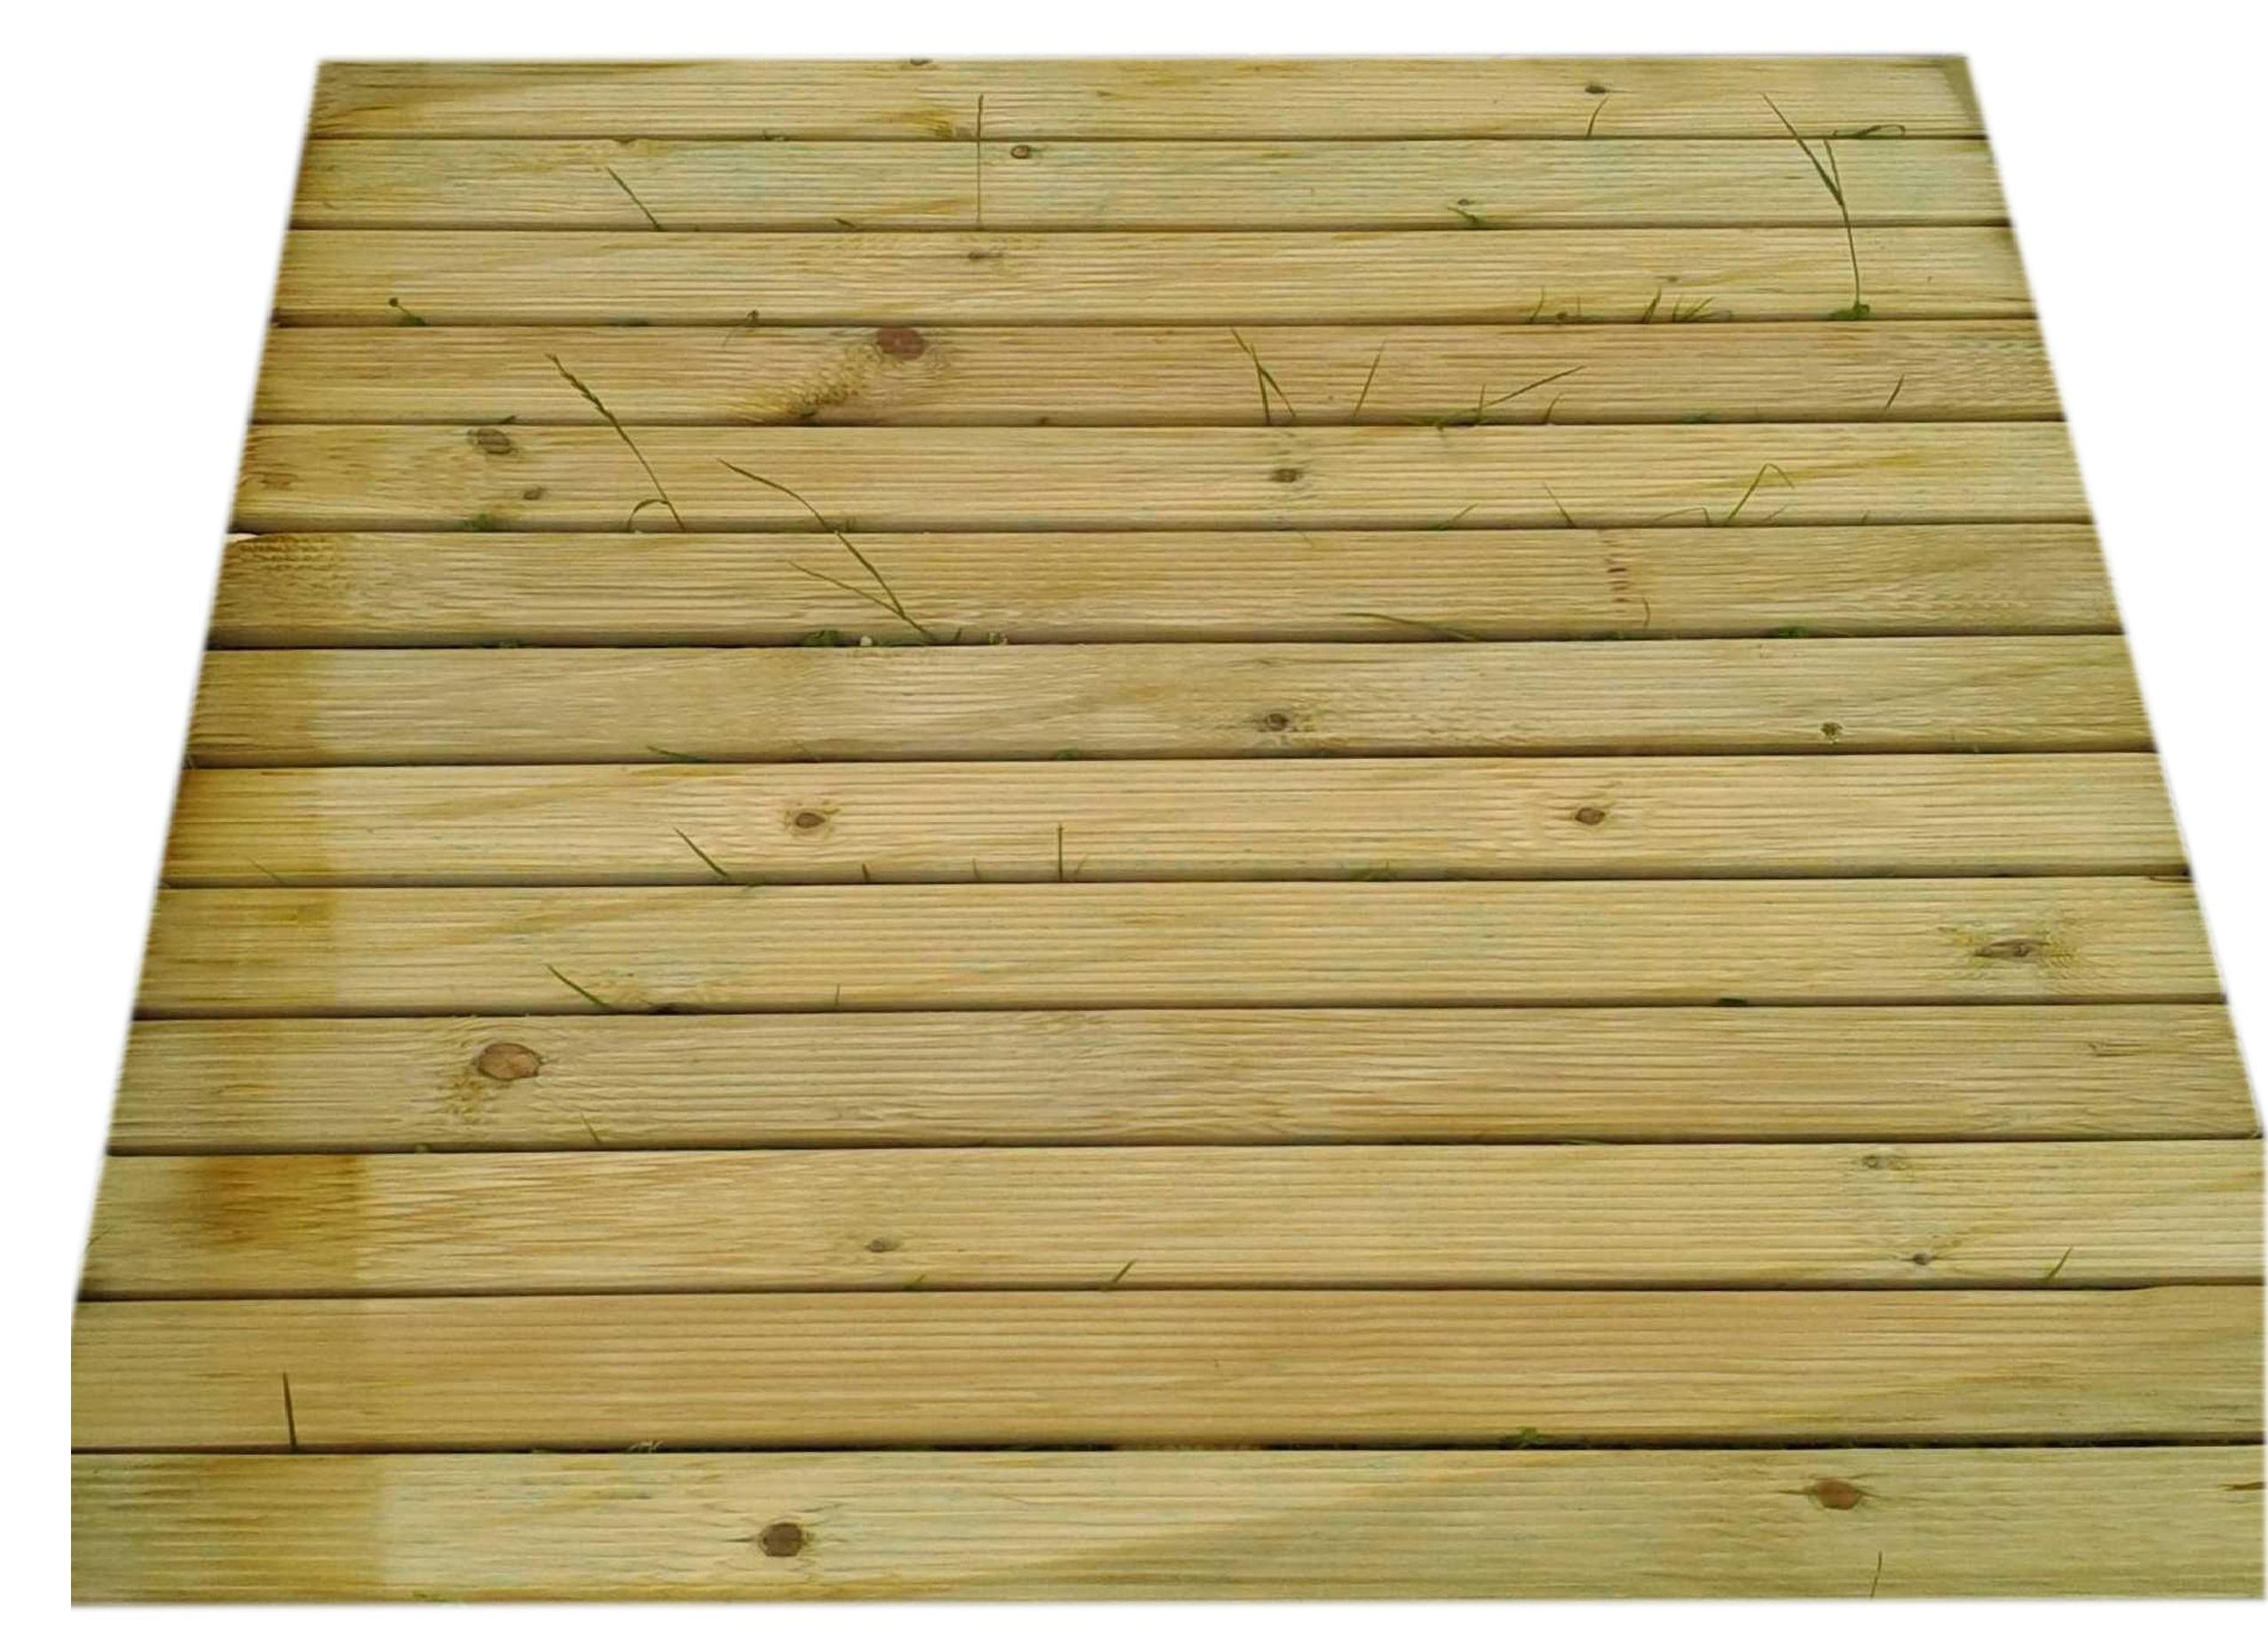 Podest Drewniany Podesty Tarasowe Ryflowane100x100